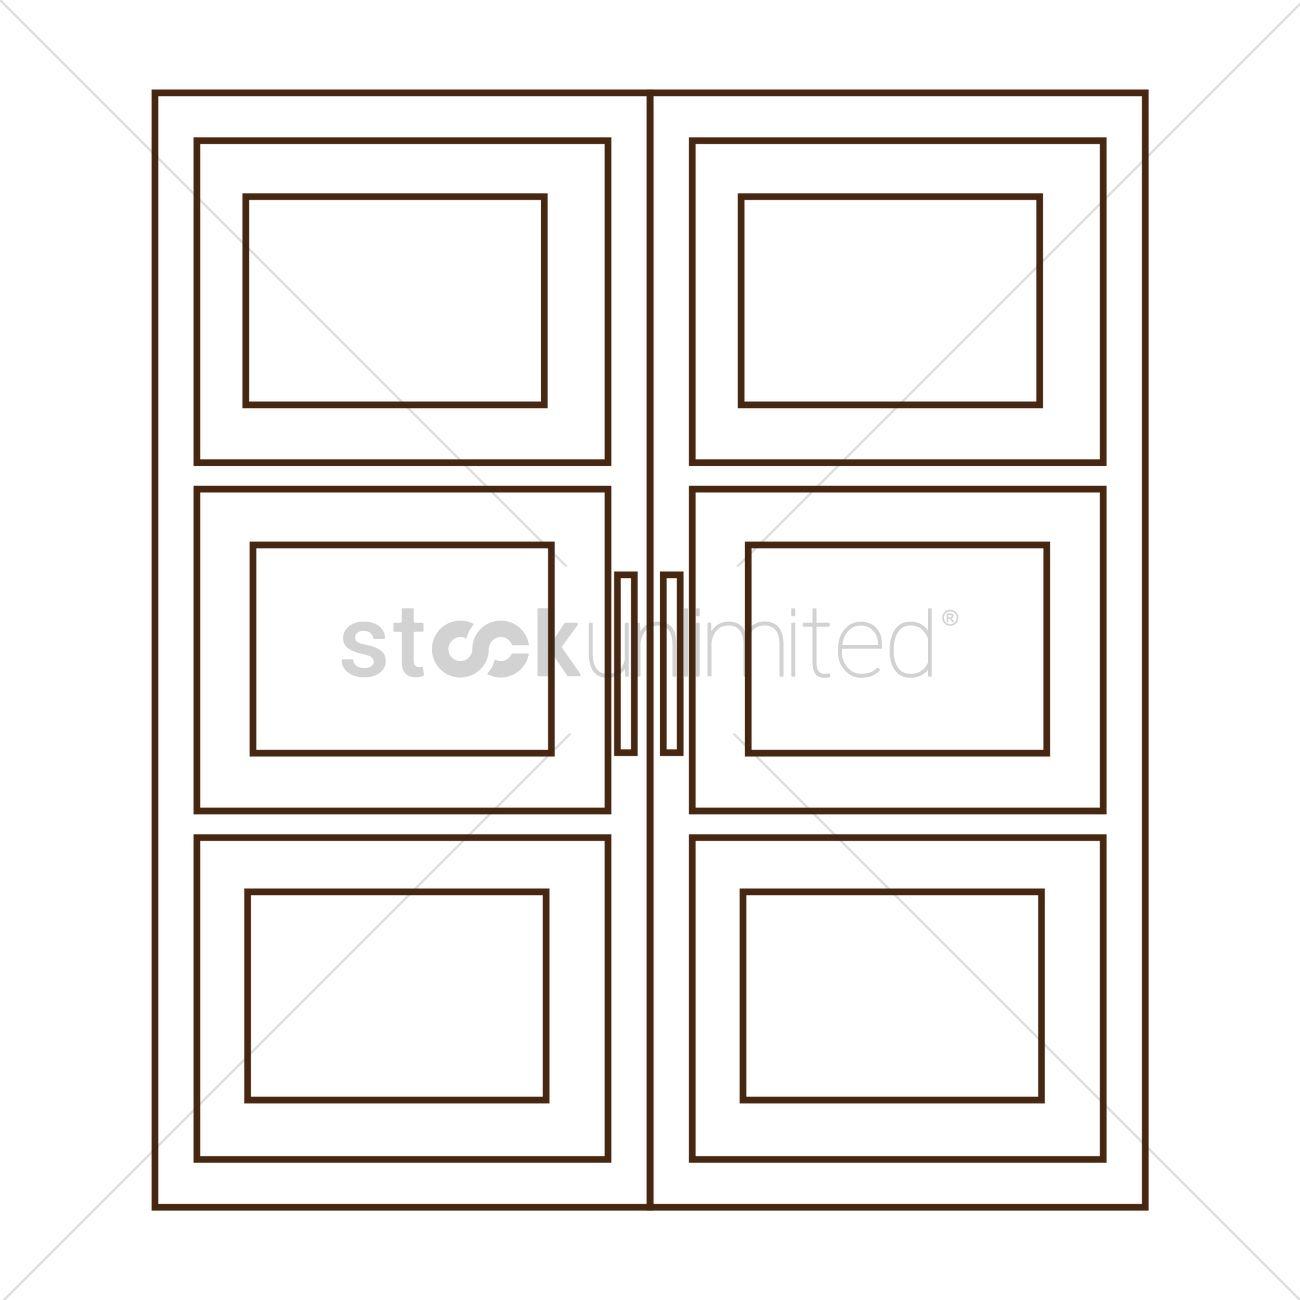 Double door clipart - Double Door Vector Graphic